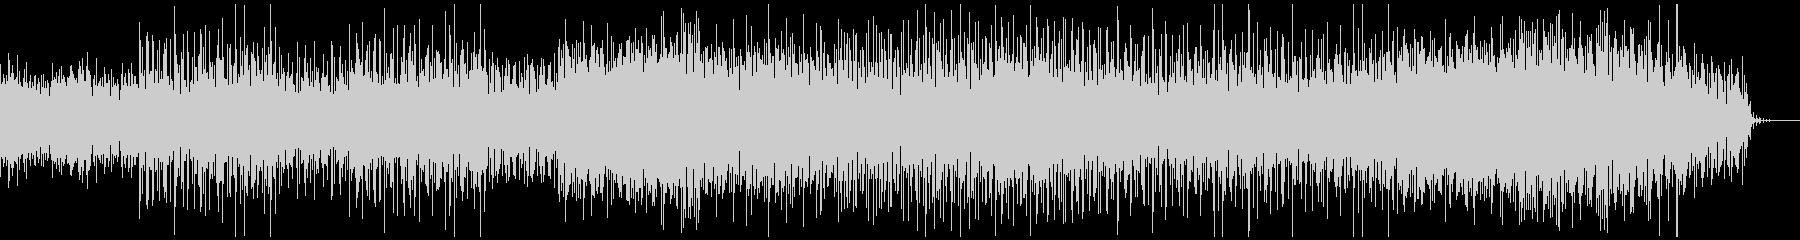 中央アジア シルクロード 民族+電子音楽の未再生の波形